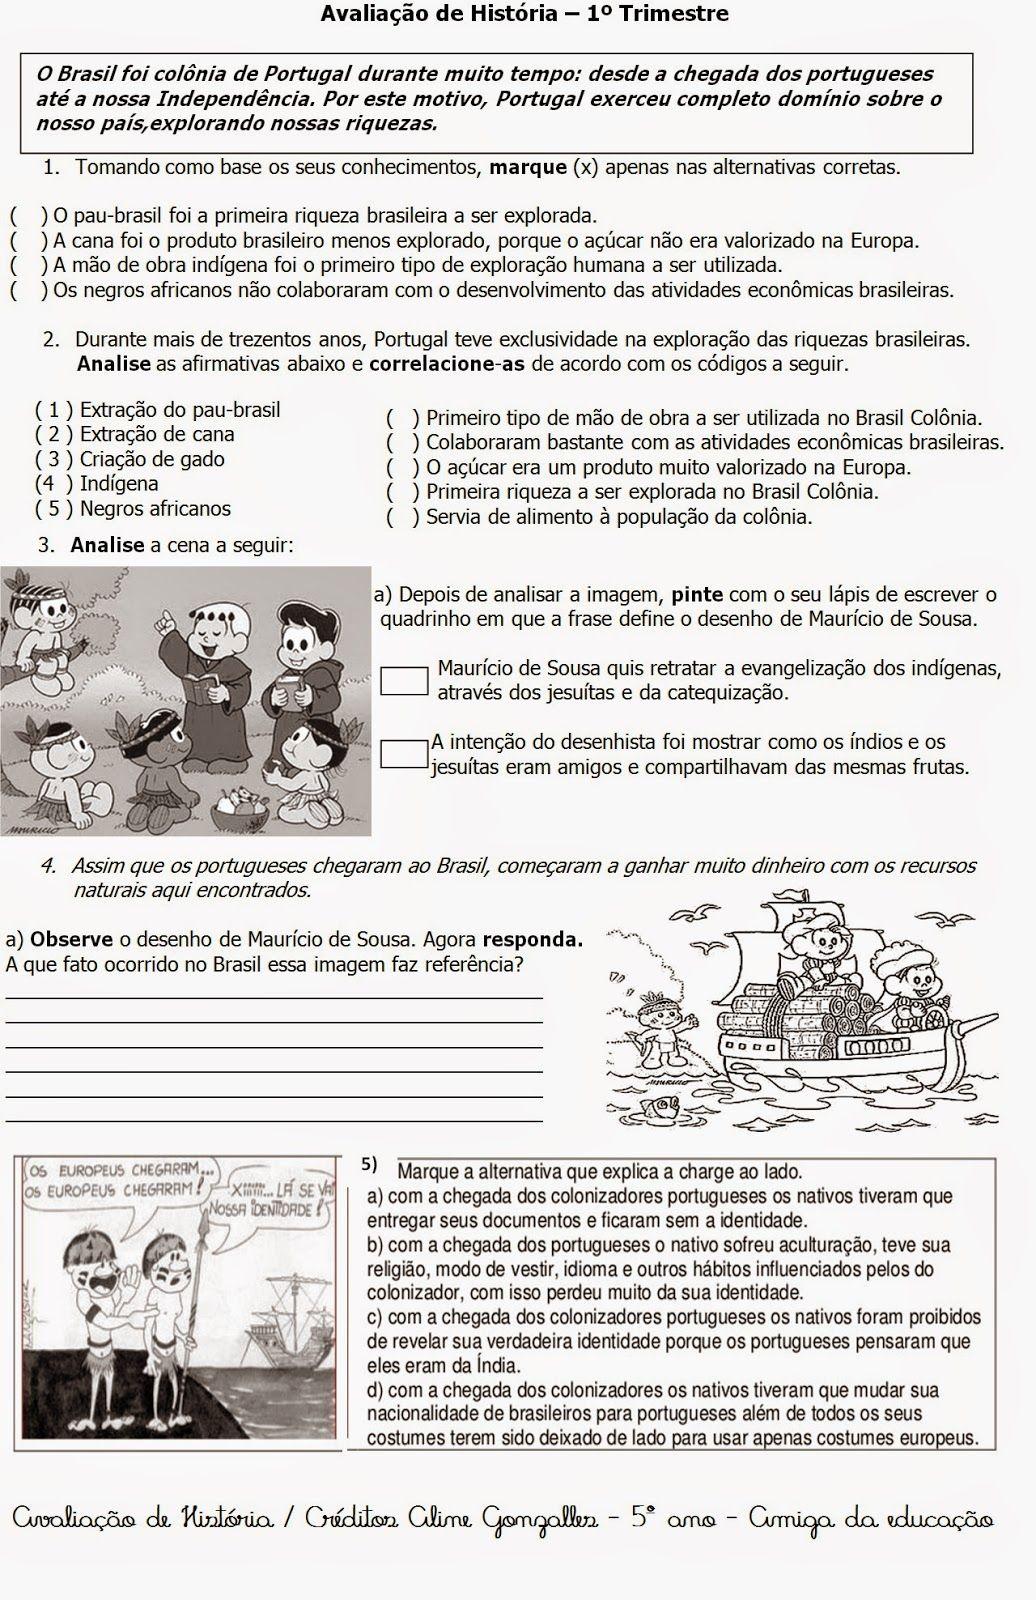 1 Jpg 1036 1600 Com Imagens Historia Da Educacao